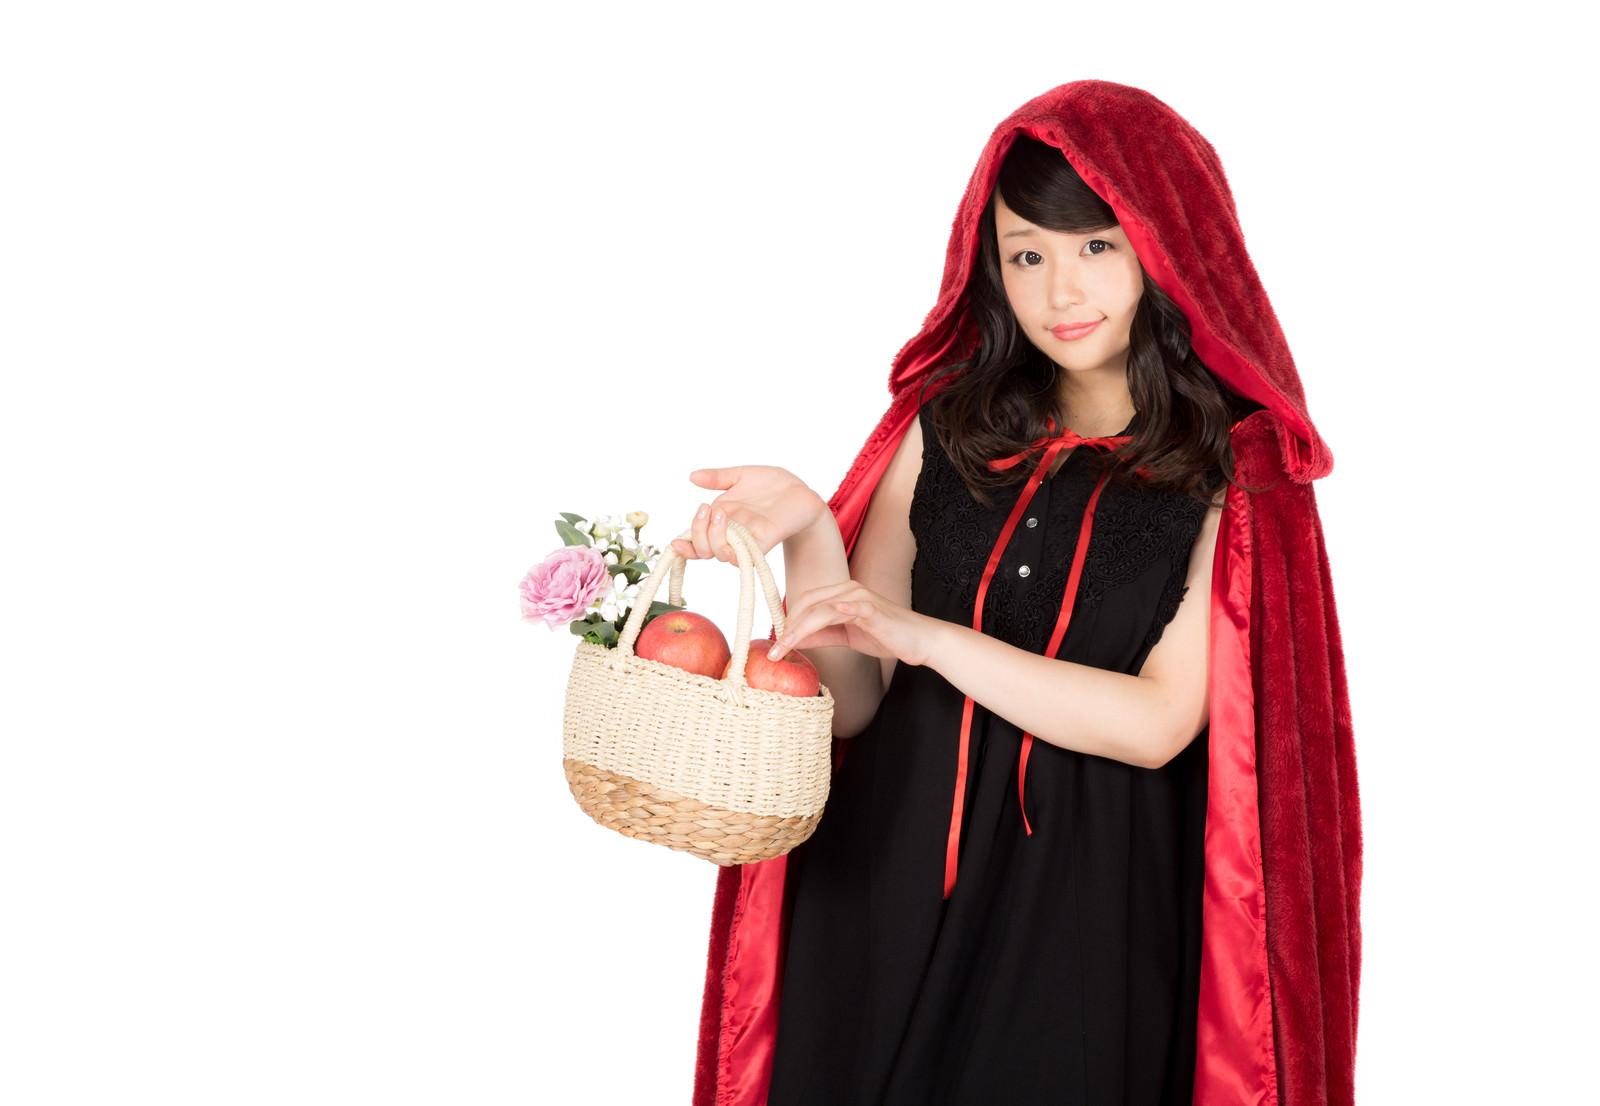 「林檎が入ったバケットを持つ仮装美女」の写真[モデル:茜さや]